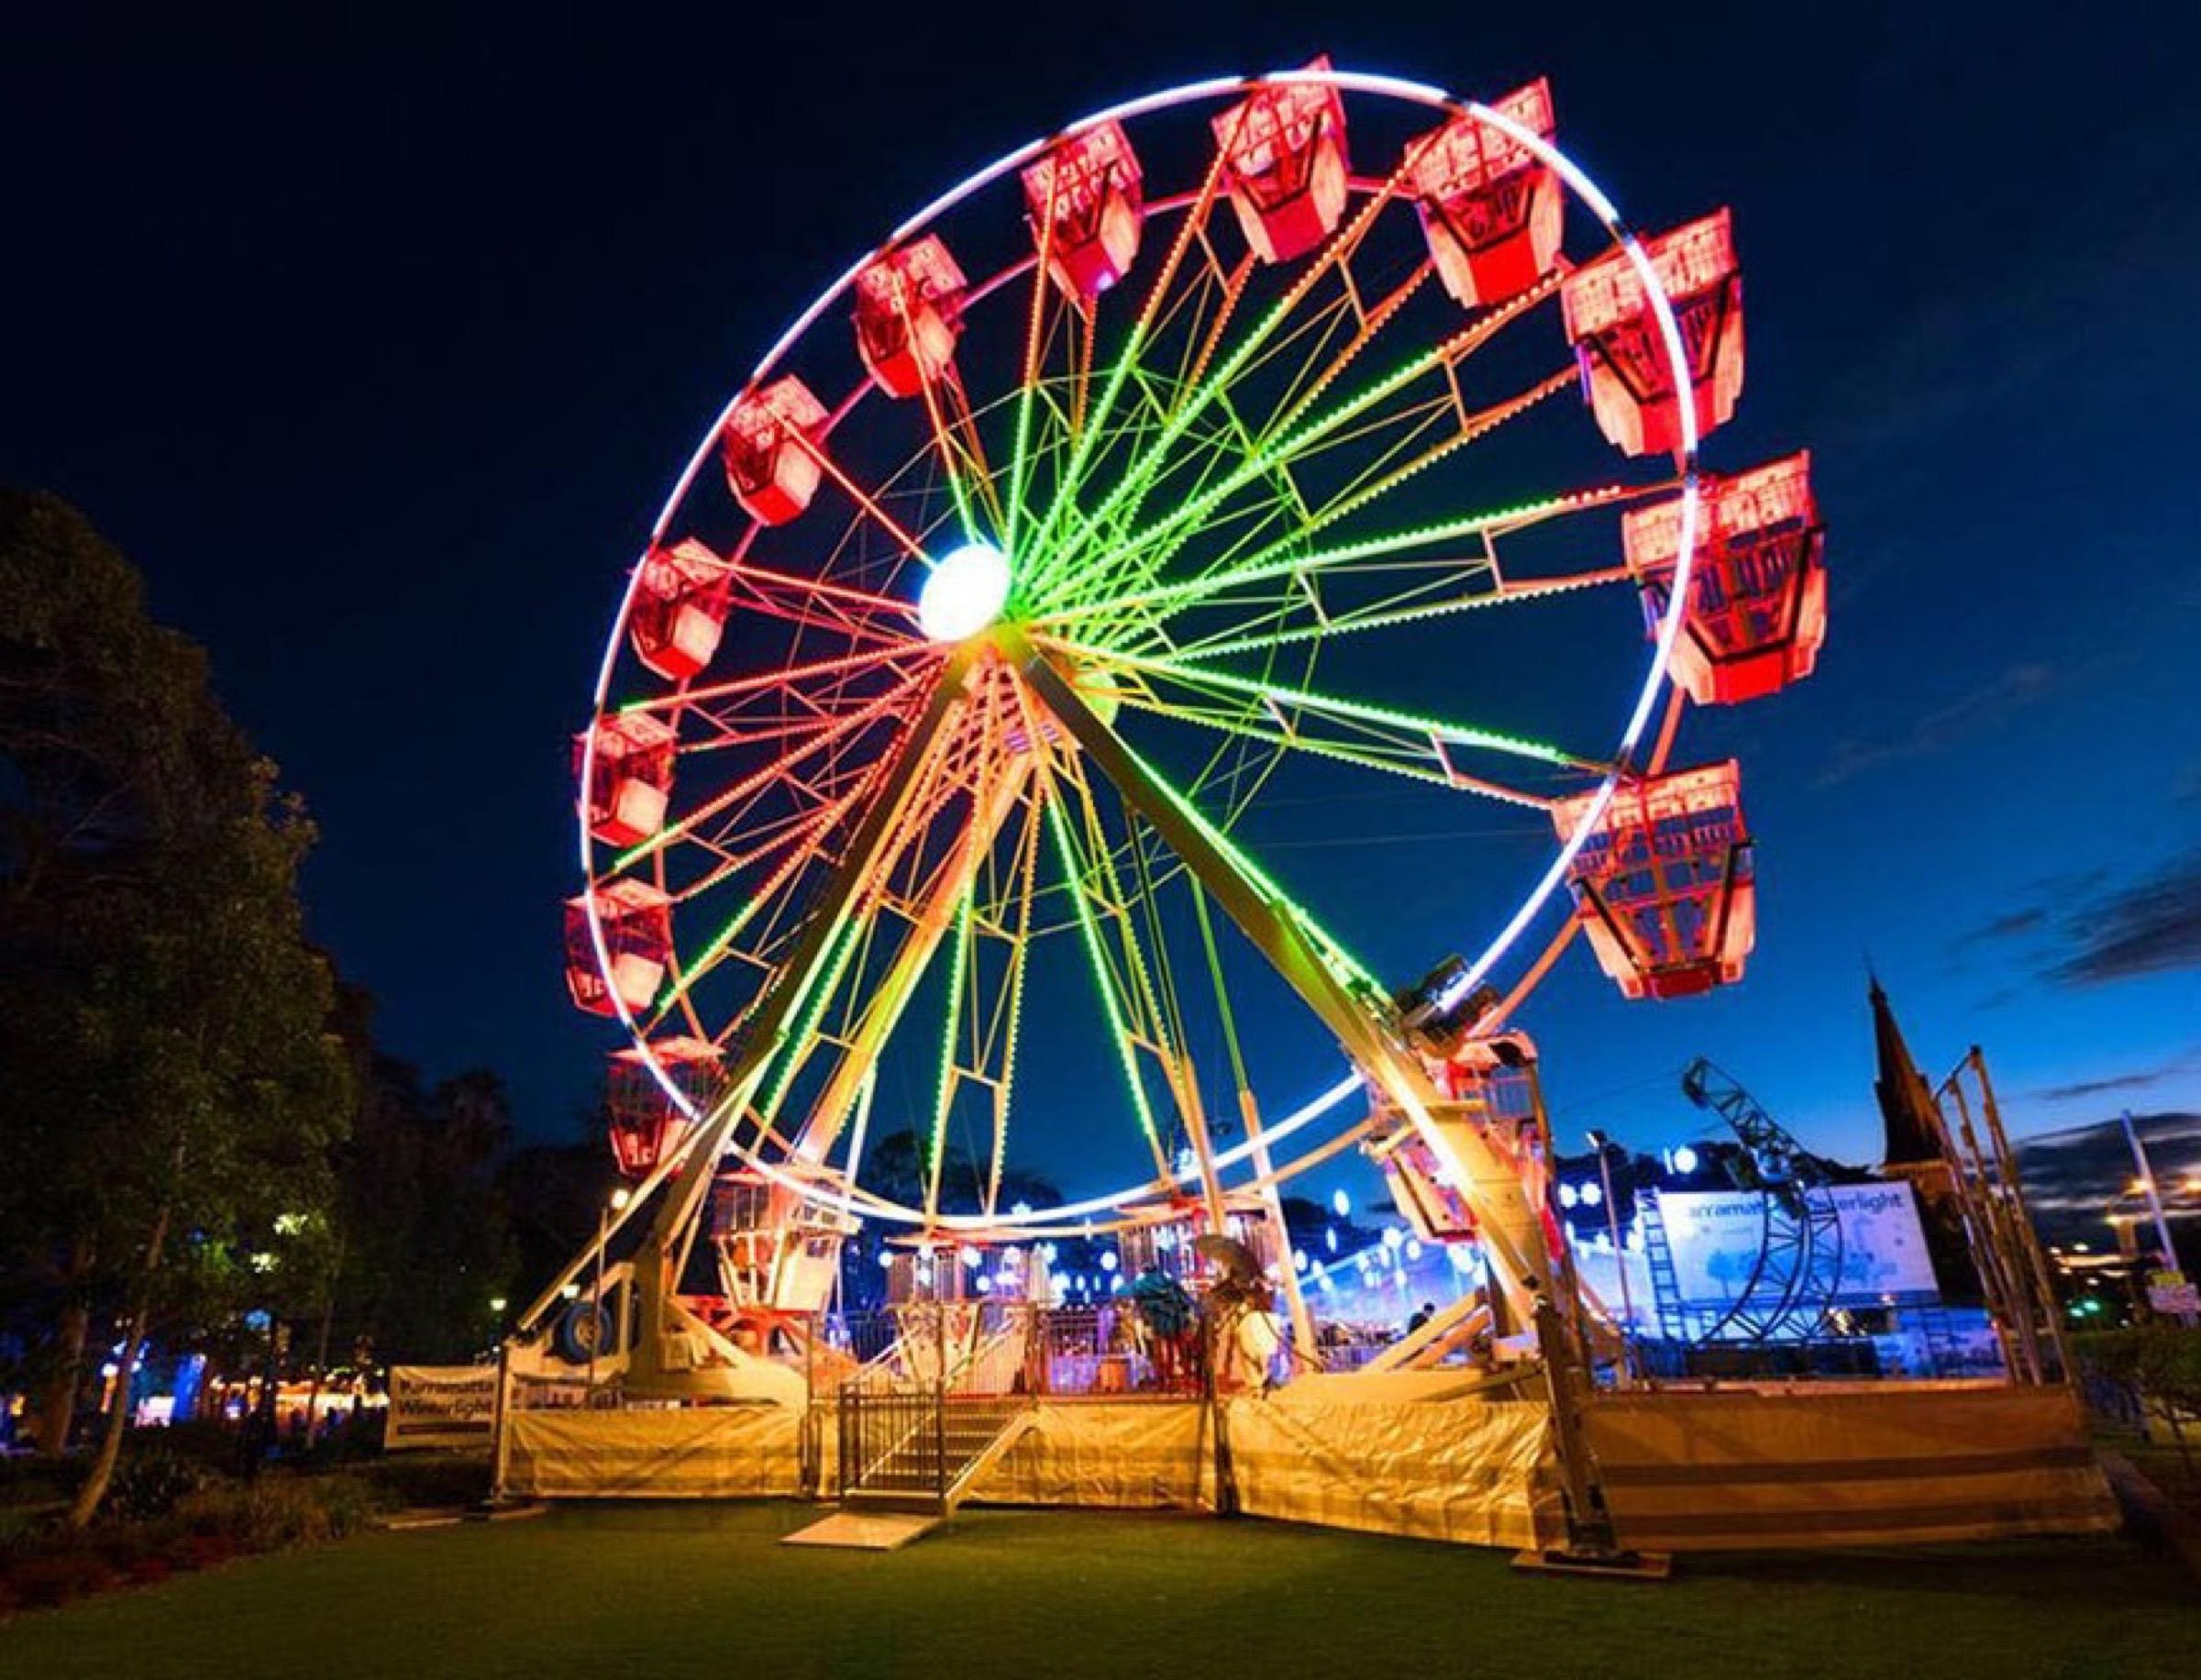 free photo ferris wheel wheel ride ferris free download jooinn